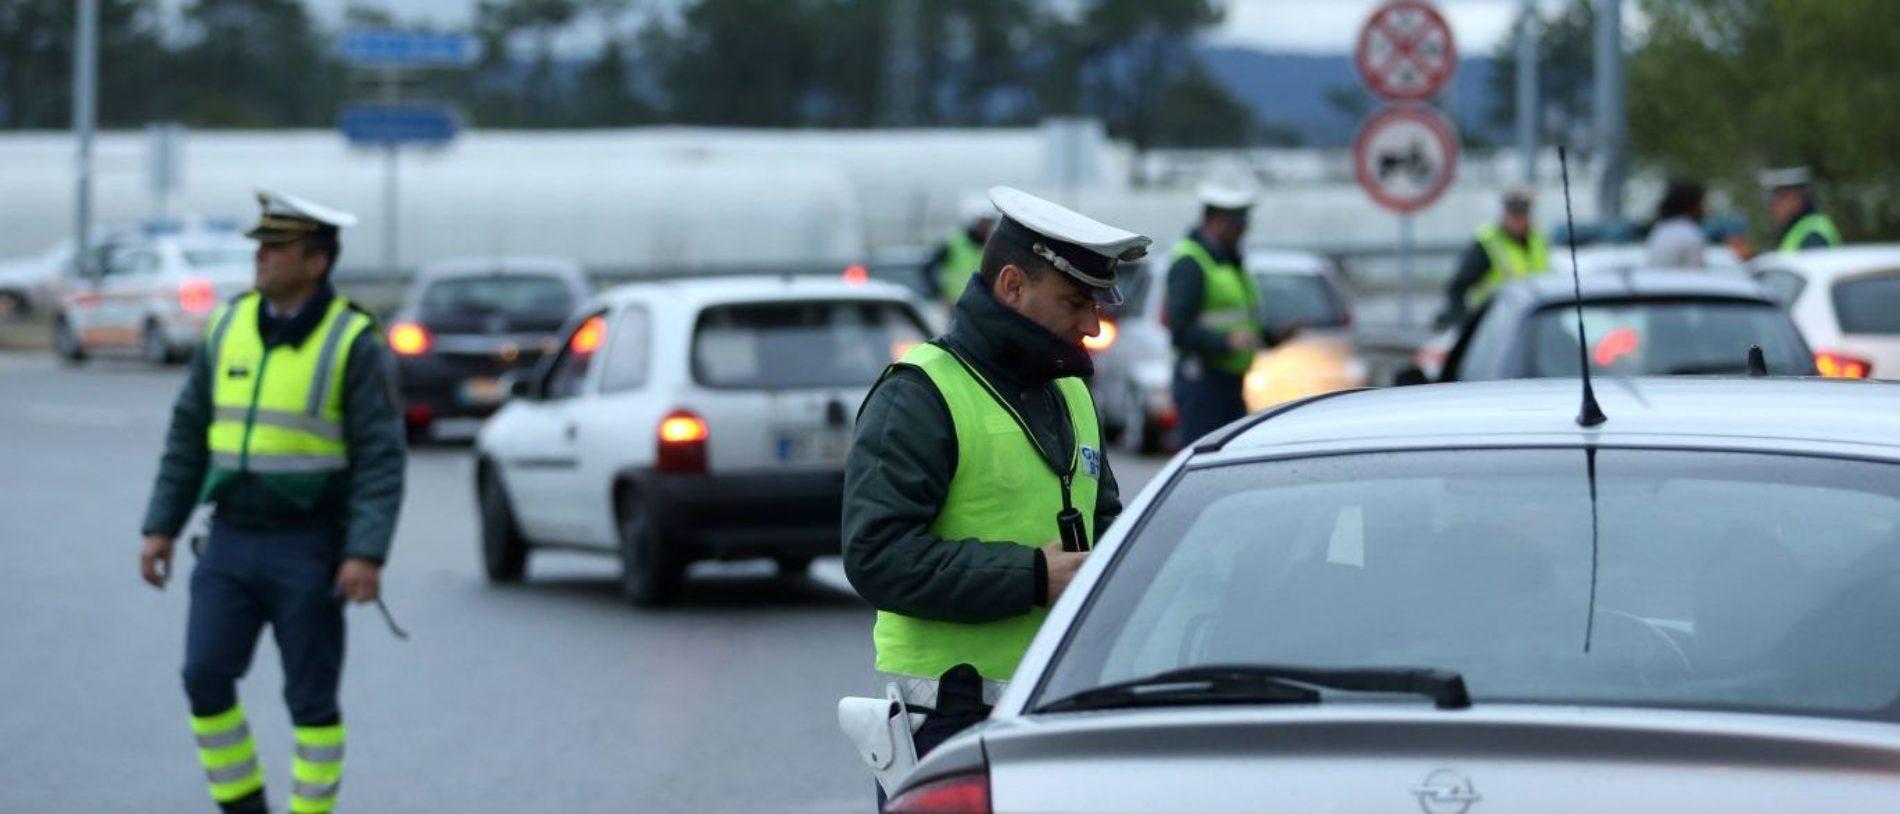 """Operação """"Páscoa"""": 4 908 infrações, 764 acidentes e 163 detenções até ao momento"""